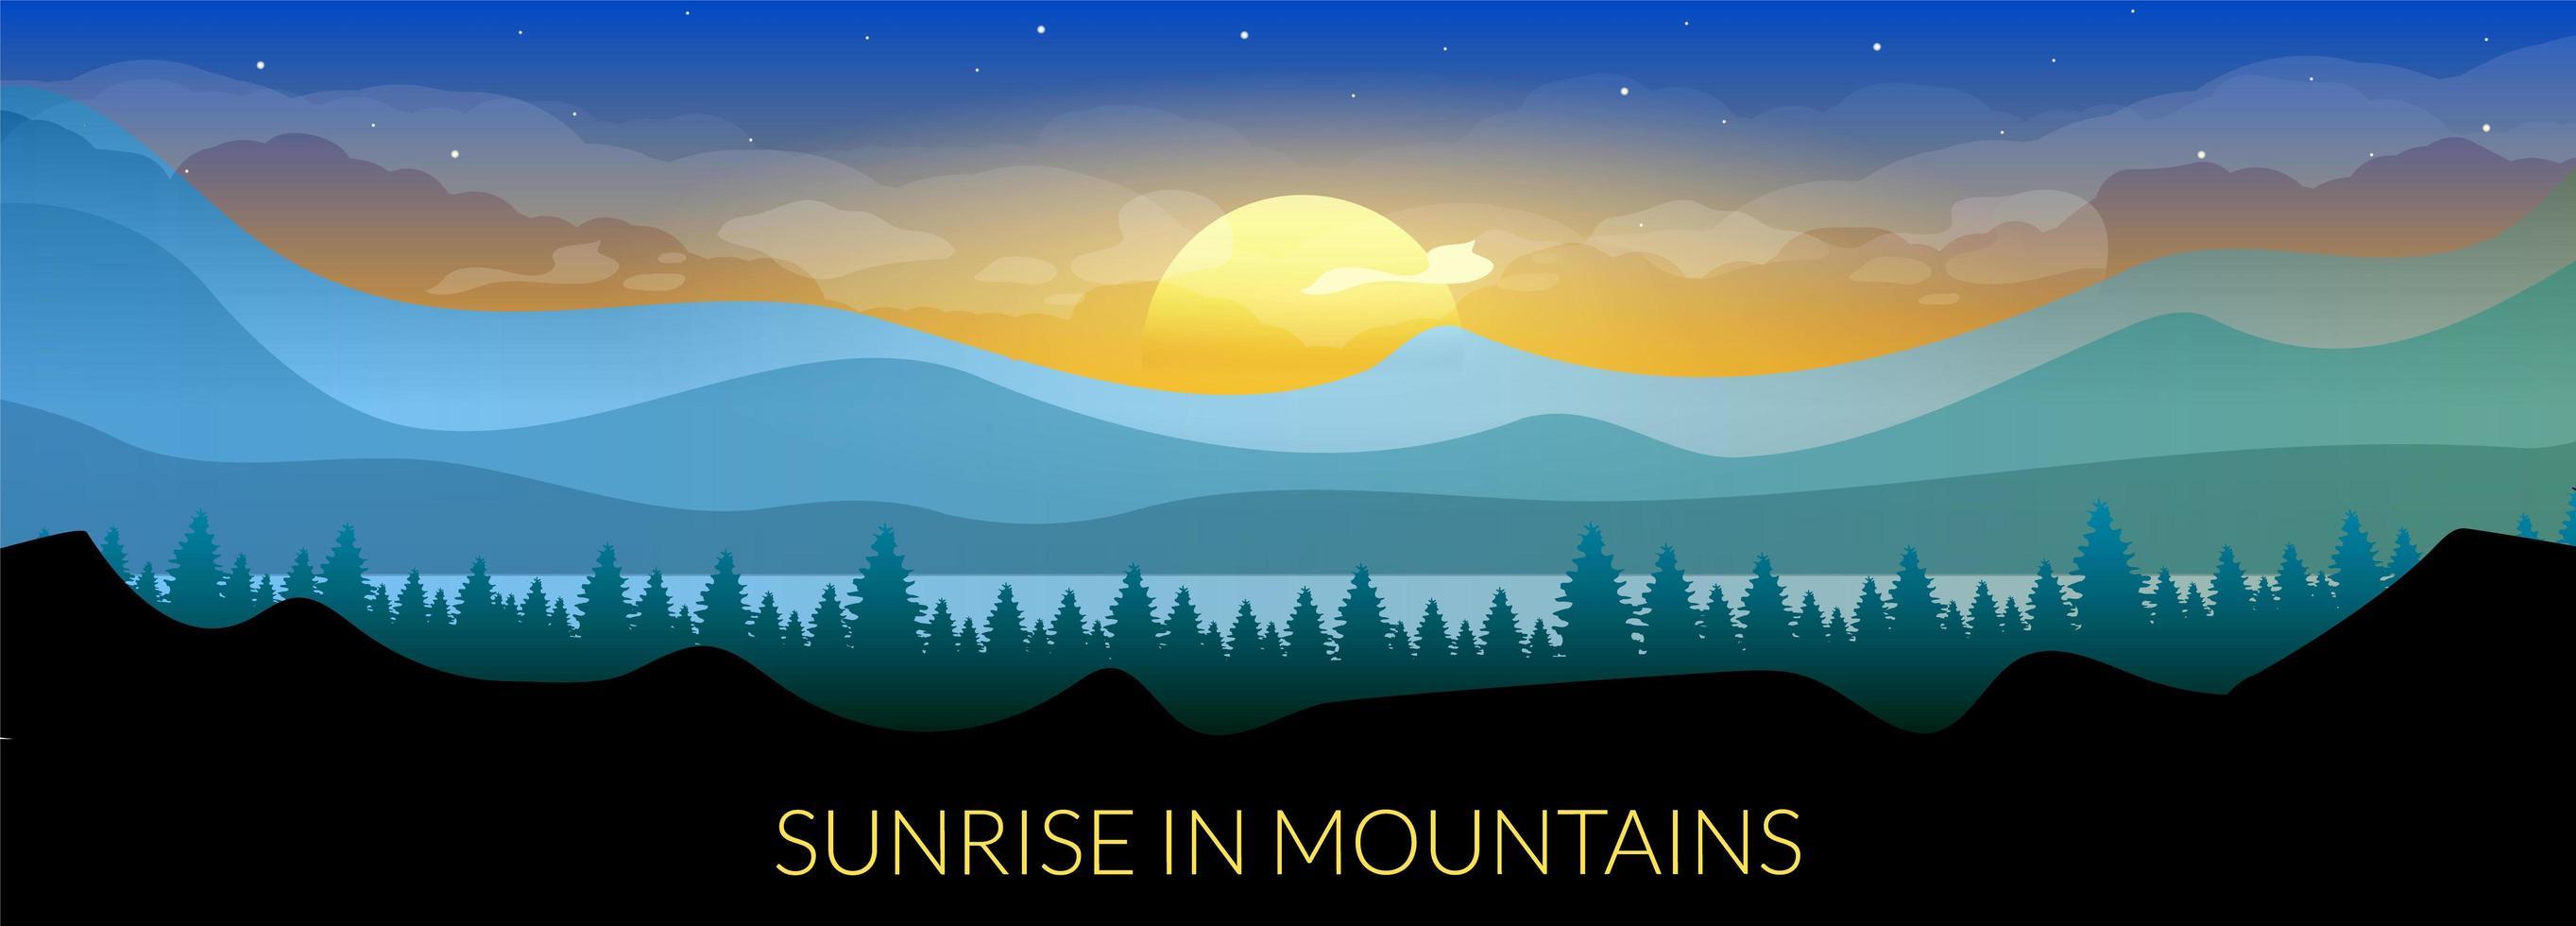 amanecer en las montañas vector